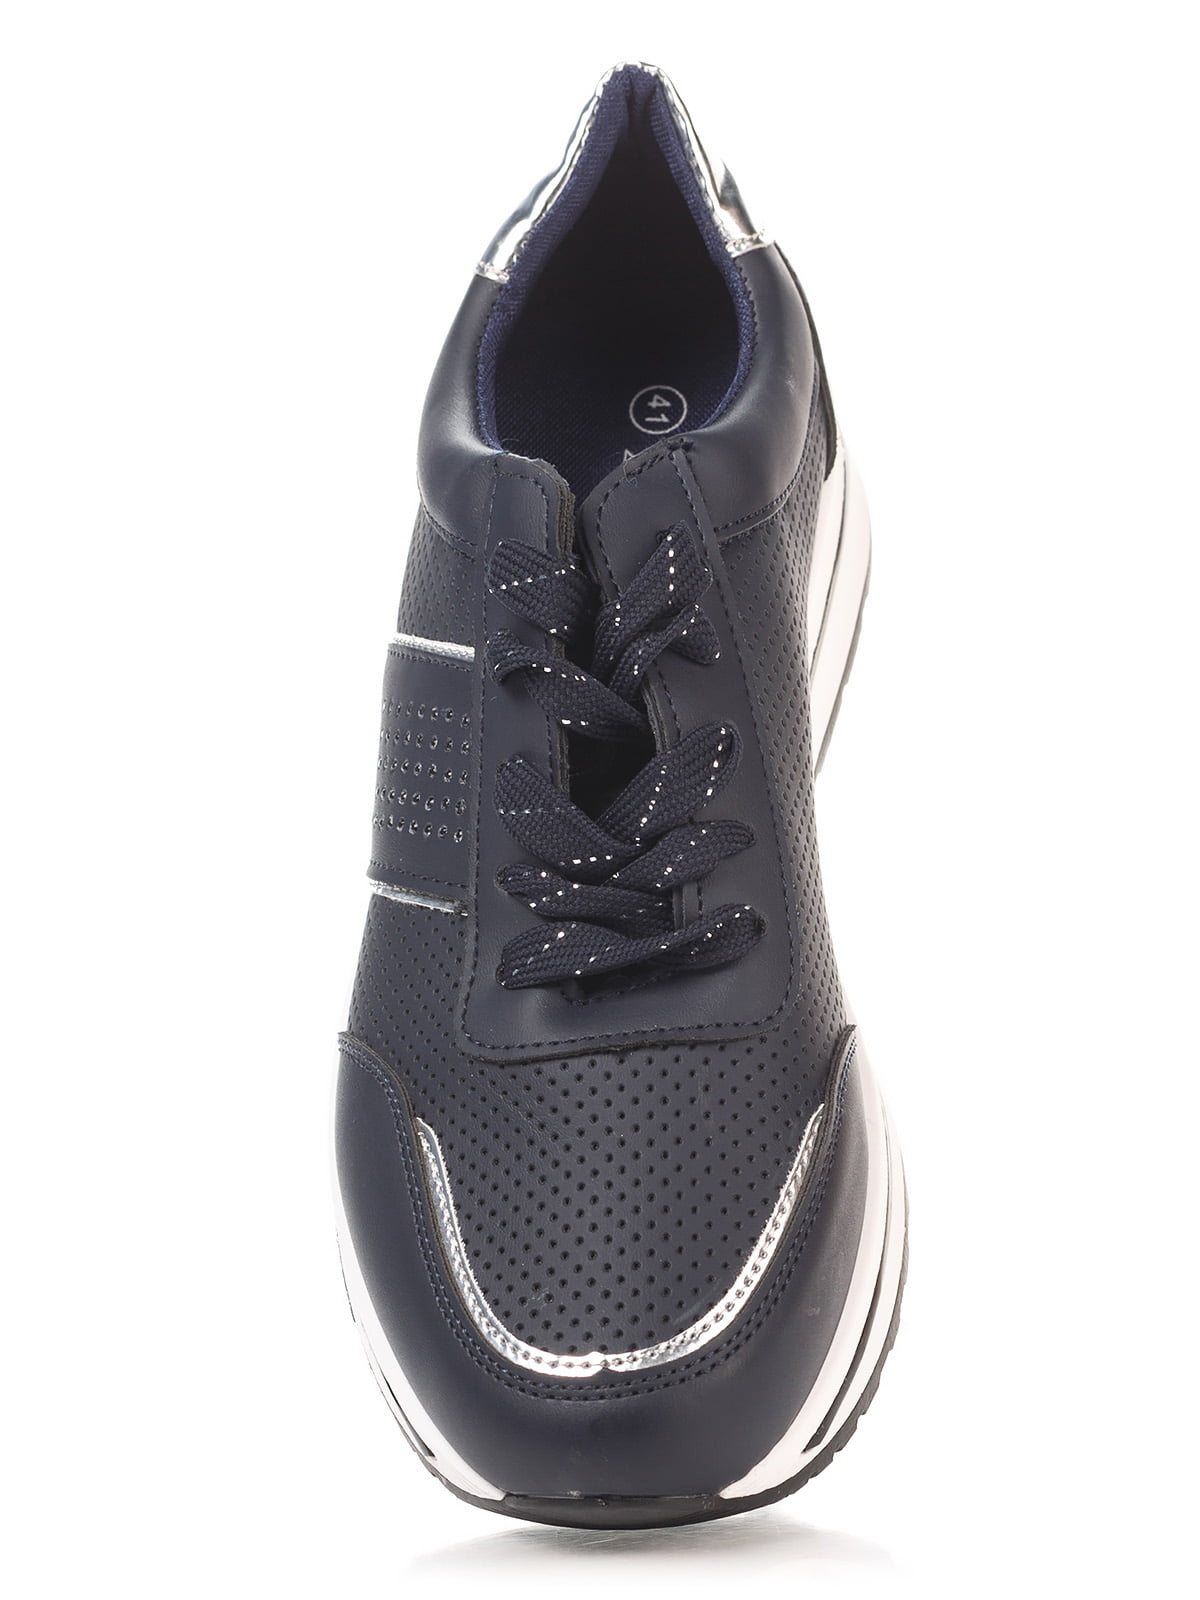 Кроссовки темно-синие | 4378527 | фото 5